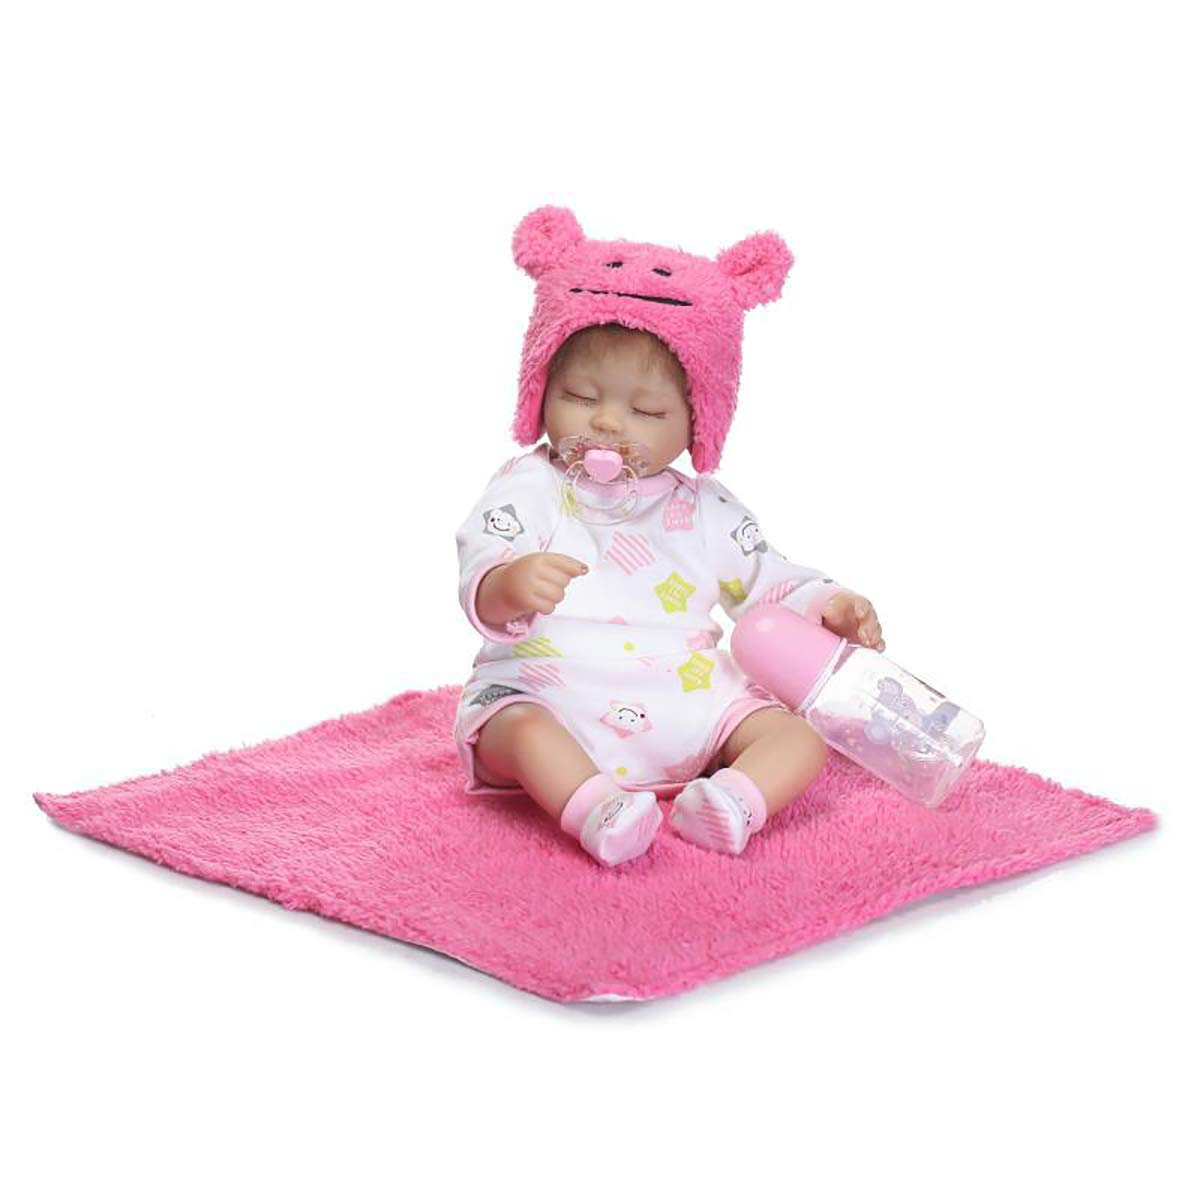 Bambolotti Giocattoli,42cm 17 Mini Lovely Cute Realistico Realistico Dormire Reborn Baby Doll Girl per Bambini Compleanno Compagno Partner di Crescita